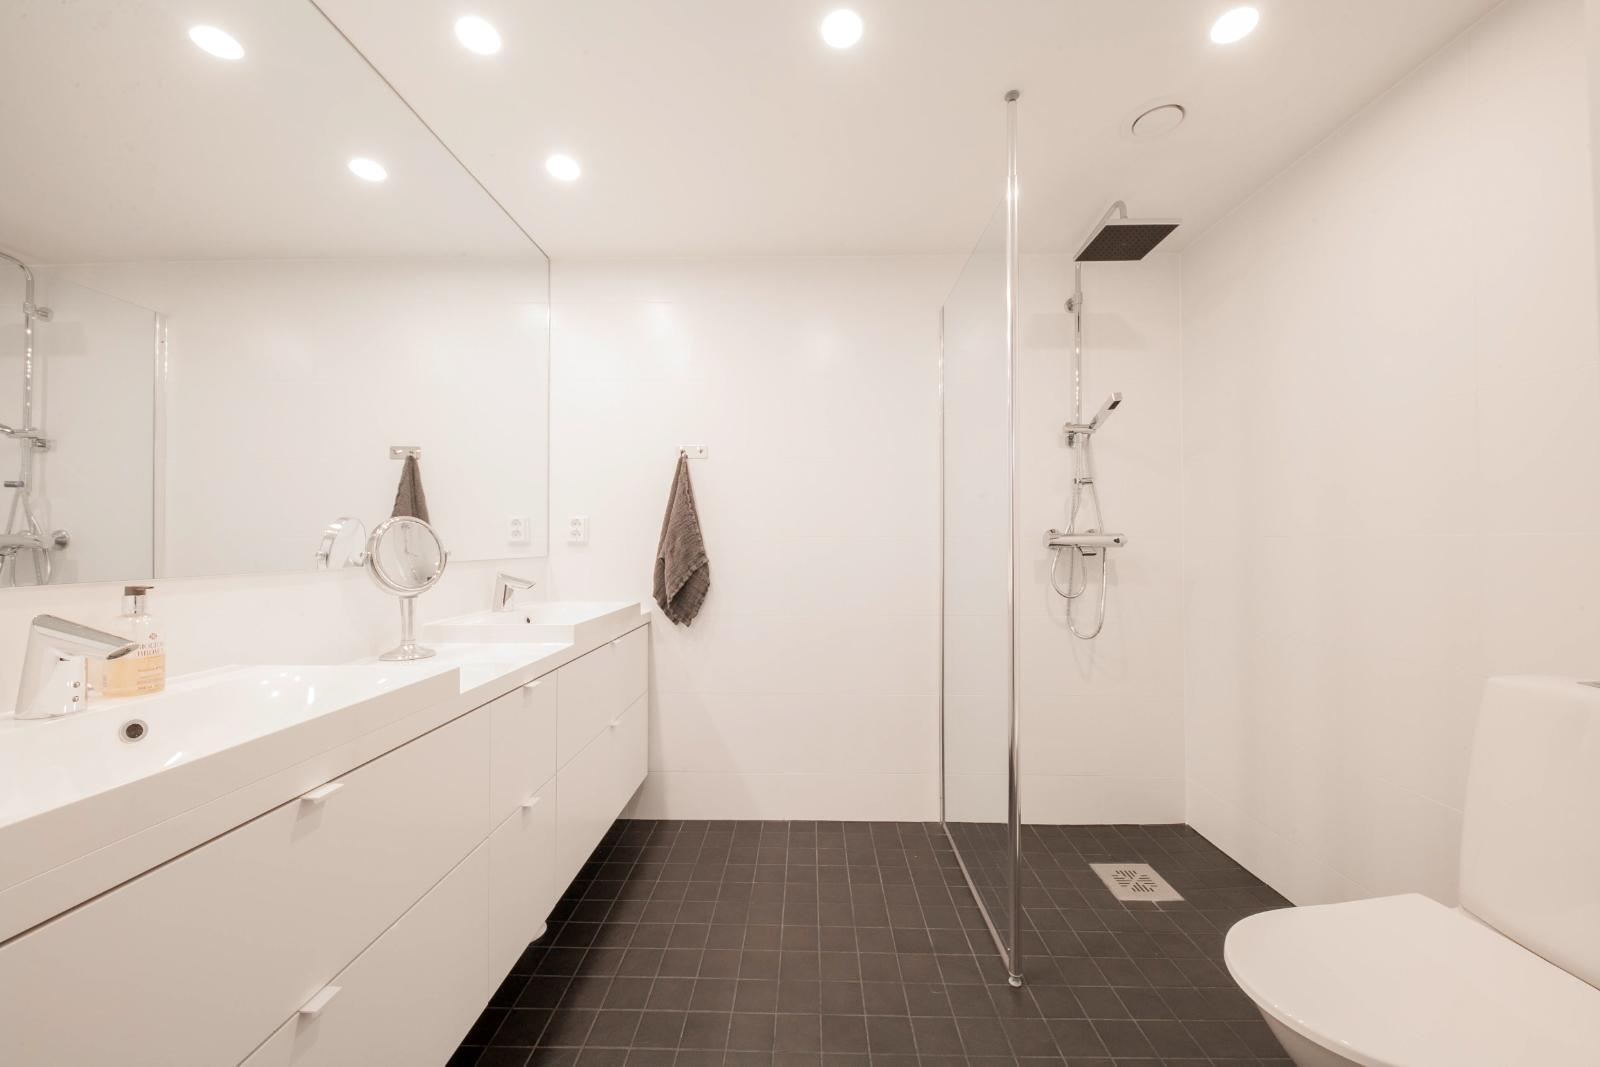 Esittelytalo A:n kylpyhuone